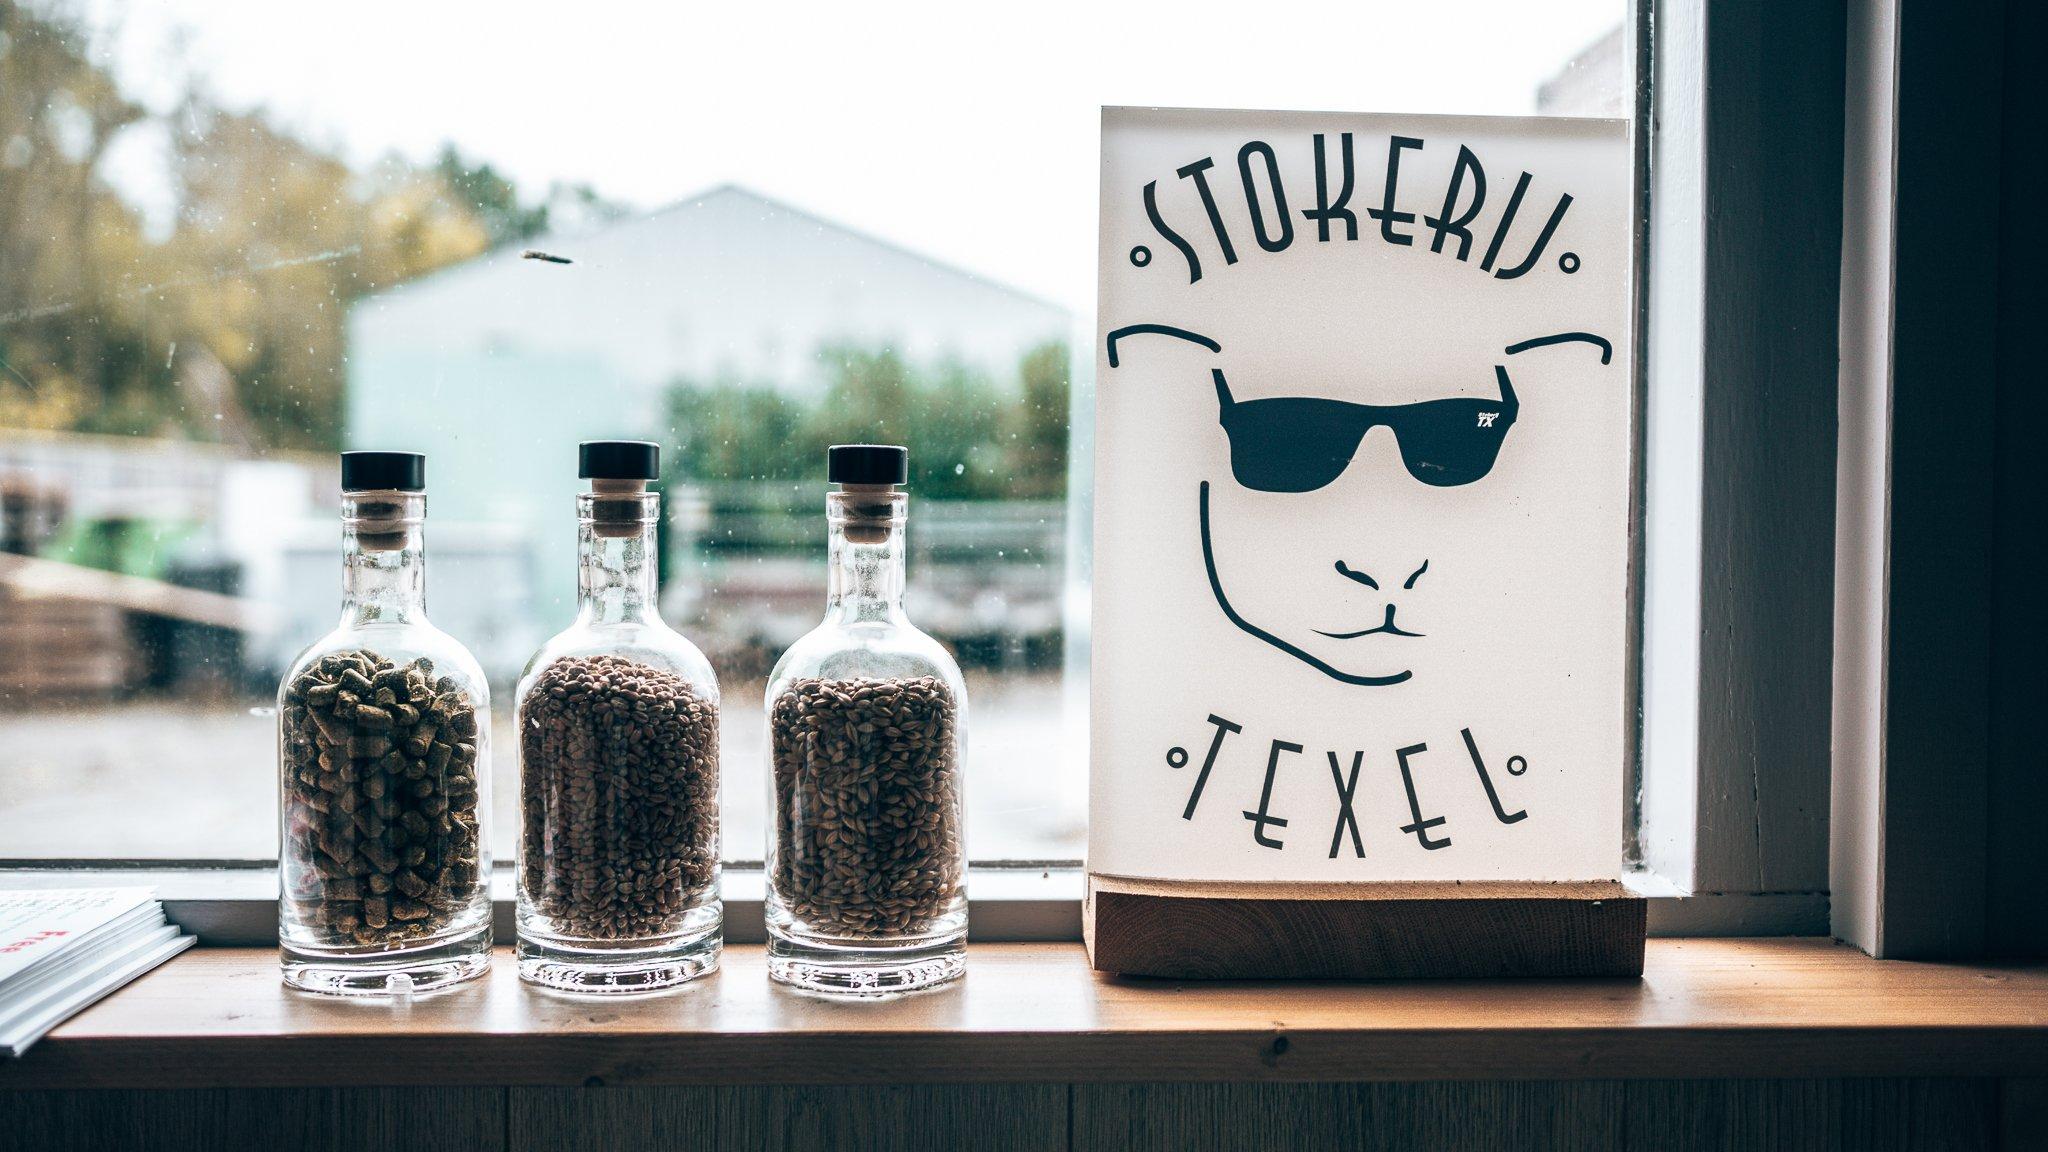 Botanicals en logo Stokerij Texel, Alles over gin.